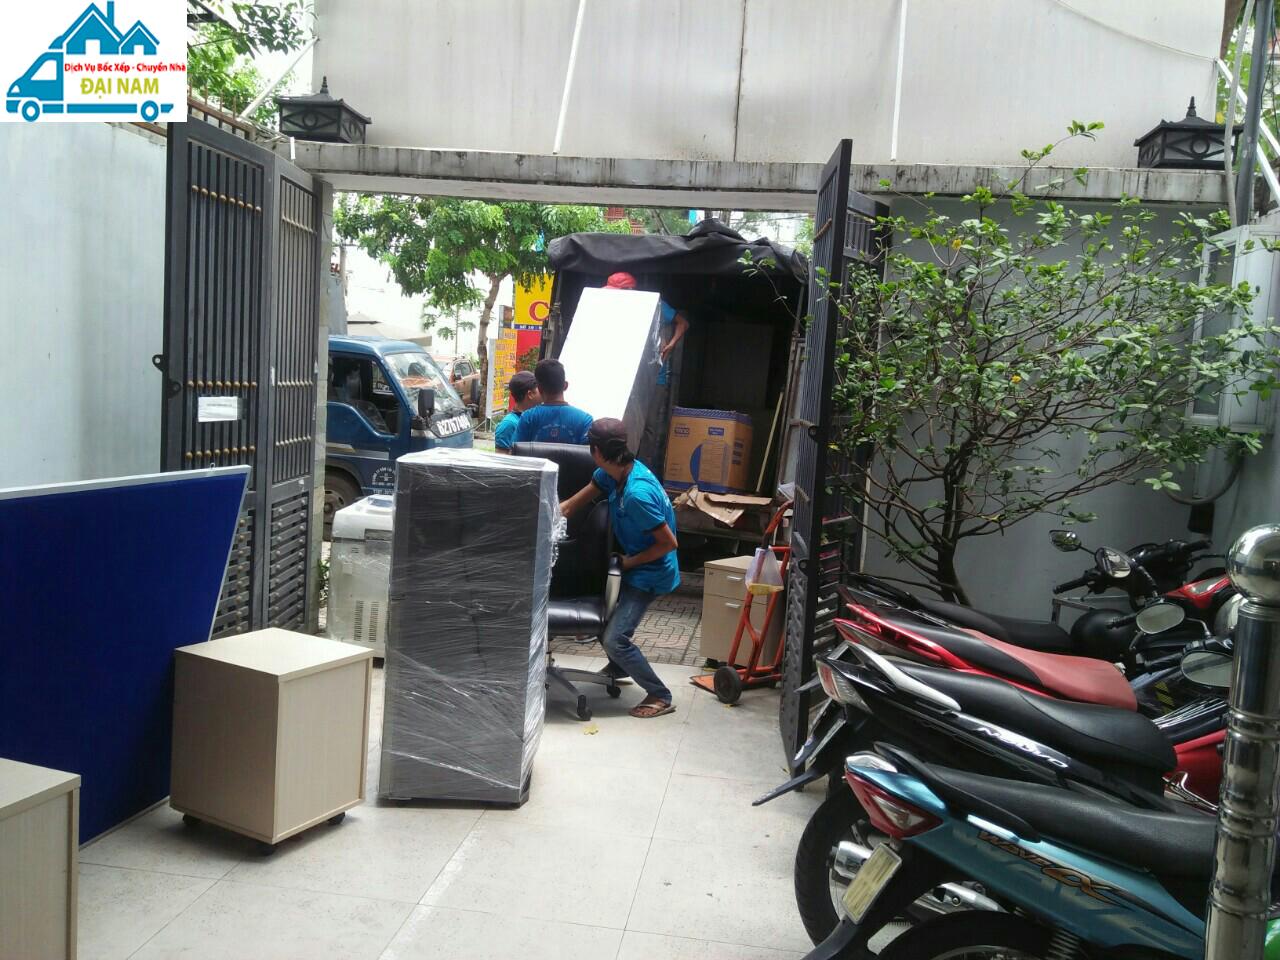 Công ty bốc xếp hàng hóa quận Bình Tân uy tín, chuyên nghiệp tại TP.HCM